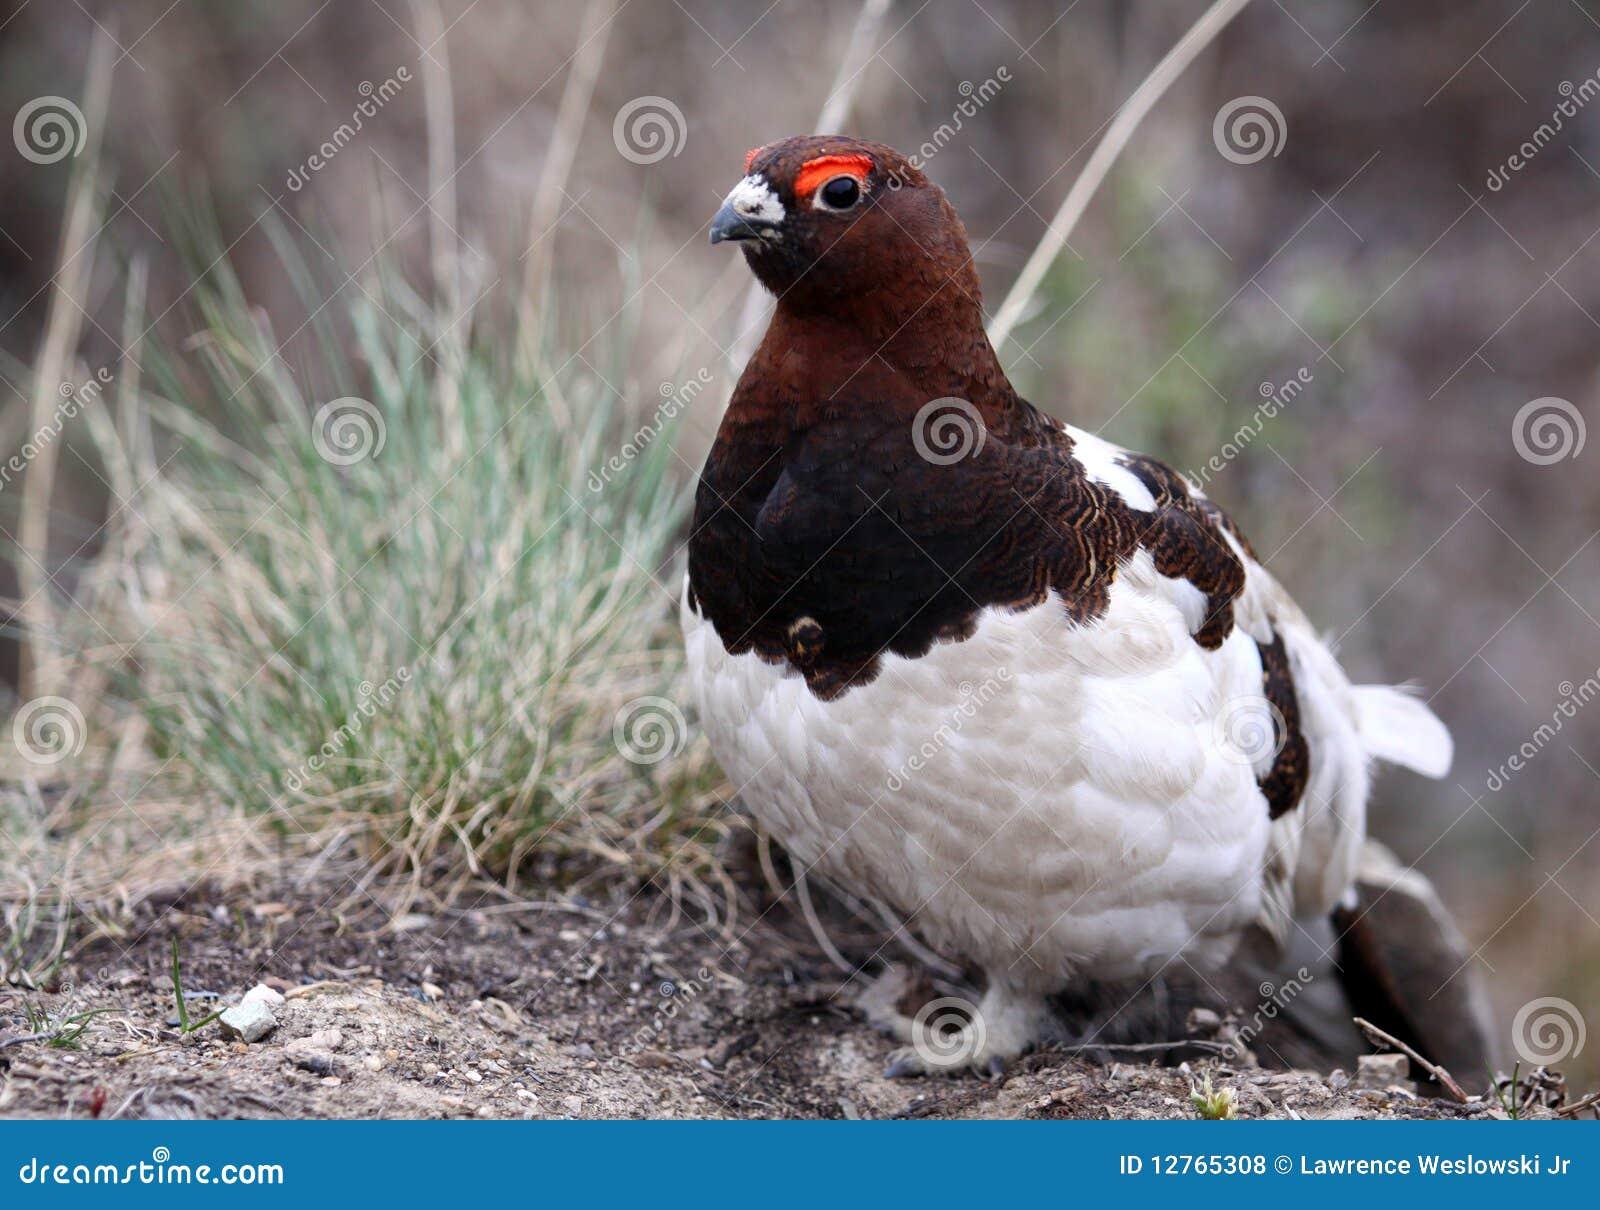 Willow Ptarmigan Alaska State Bird Royalty Free Stock s Image